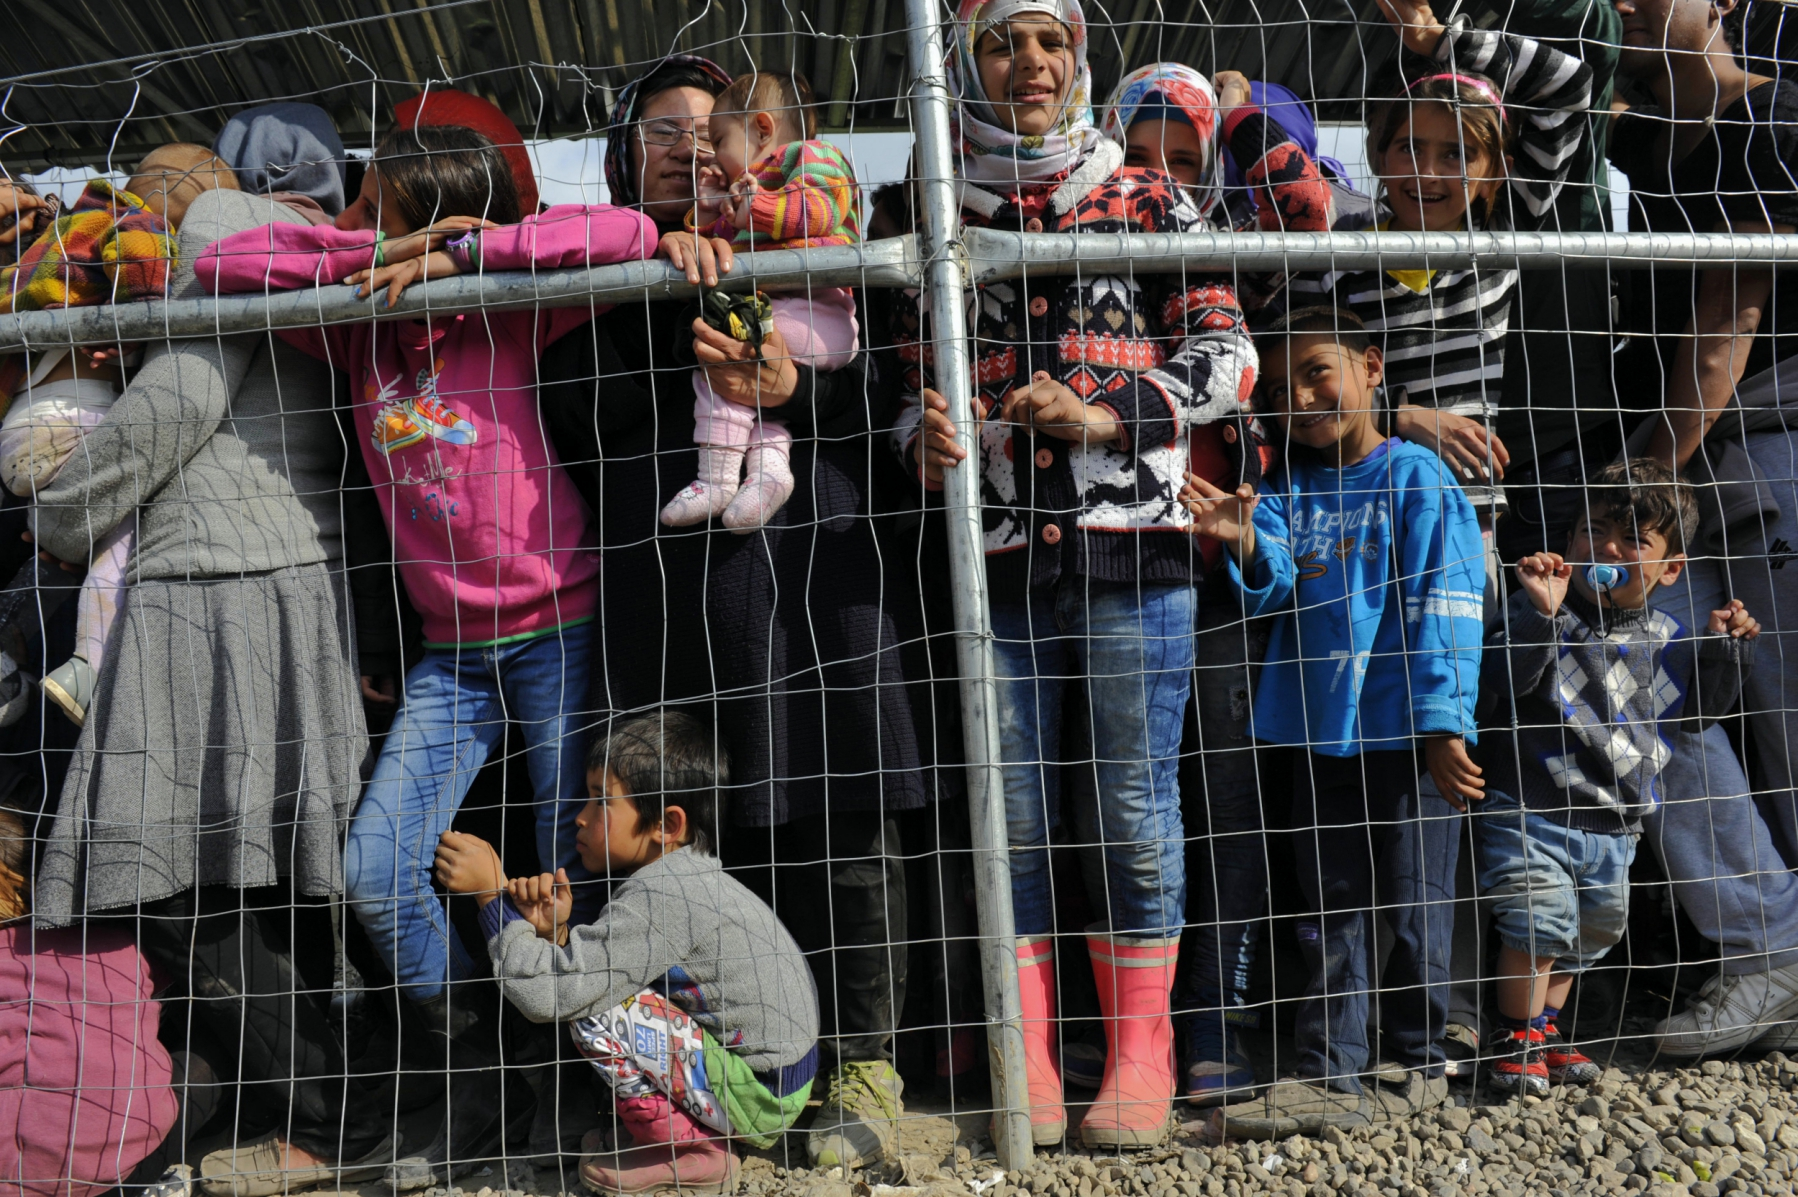 Richiedenti asilo in Grecia - fmartino/OBCT